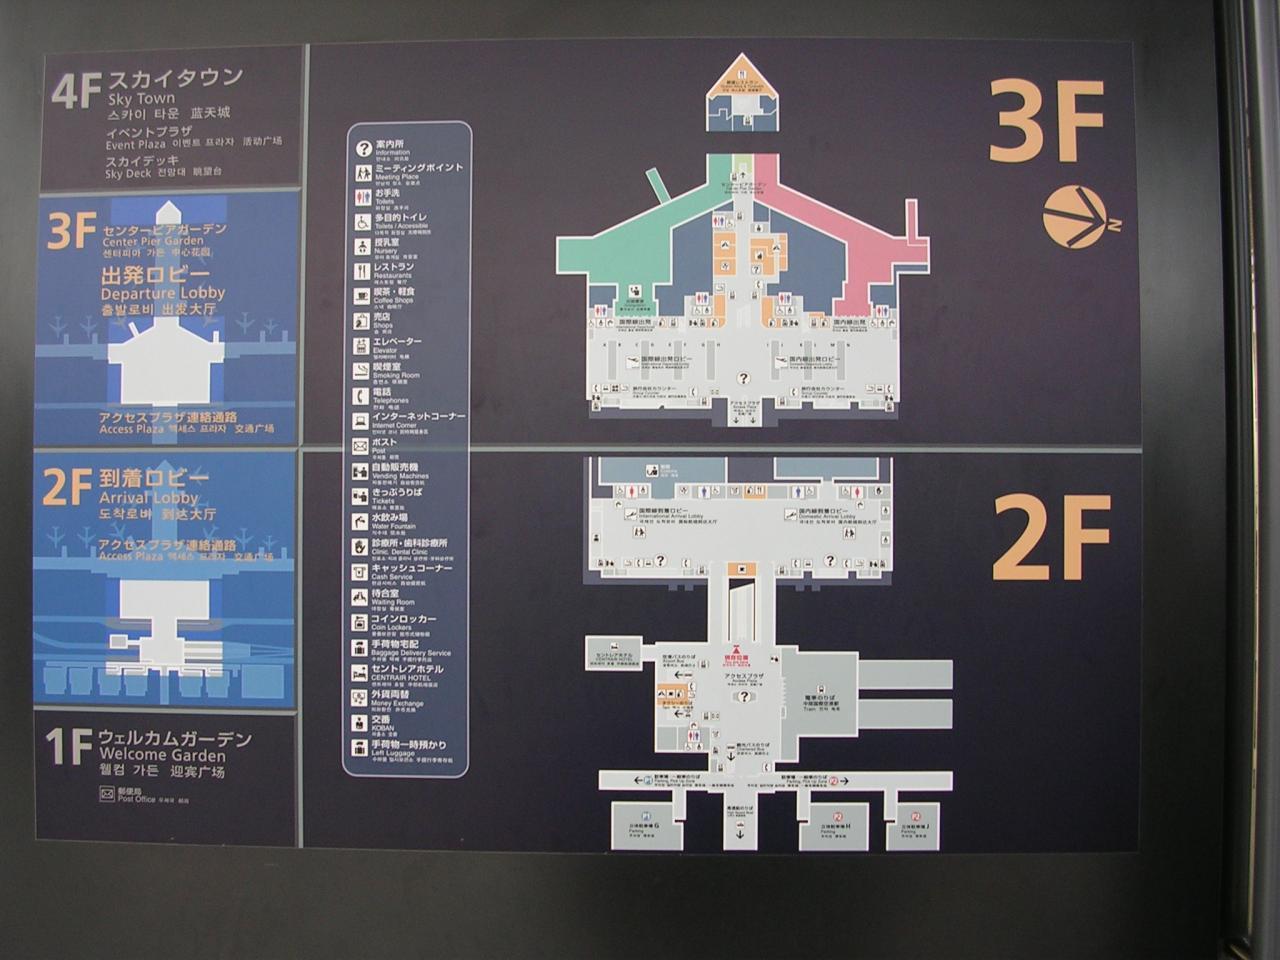 2階・3階の案内図